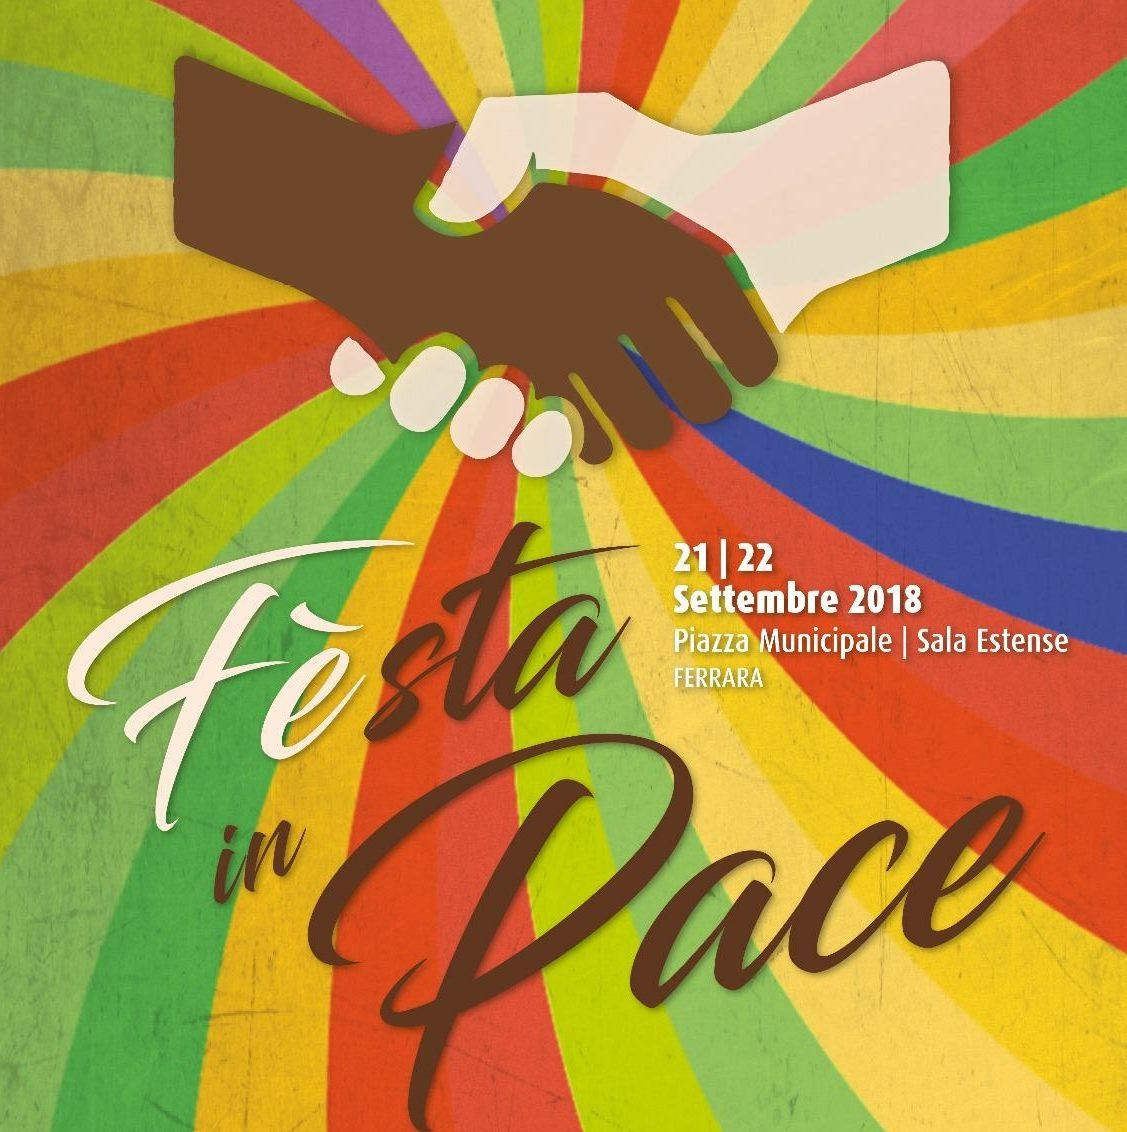 FEsta in Pace: il 21-22 settembre due giorni di dibattiti e spettacoli sul tema dell'accoglienza e dei diritti